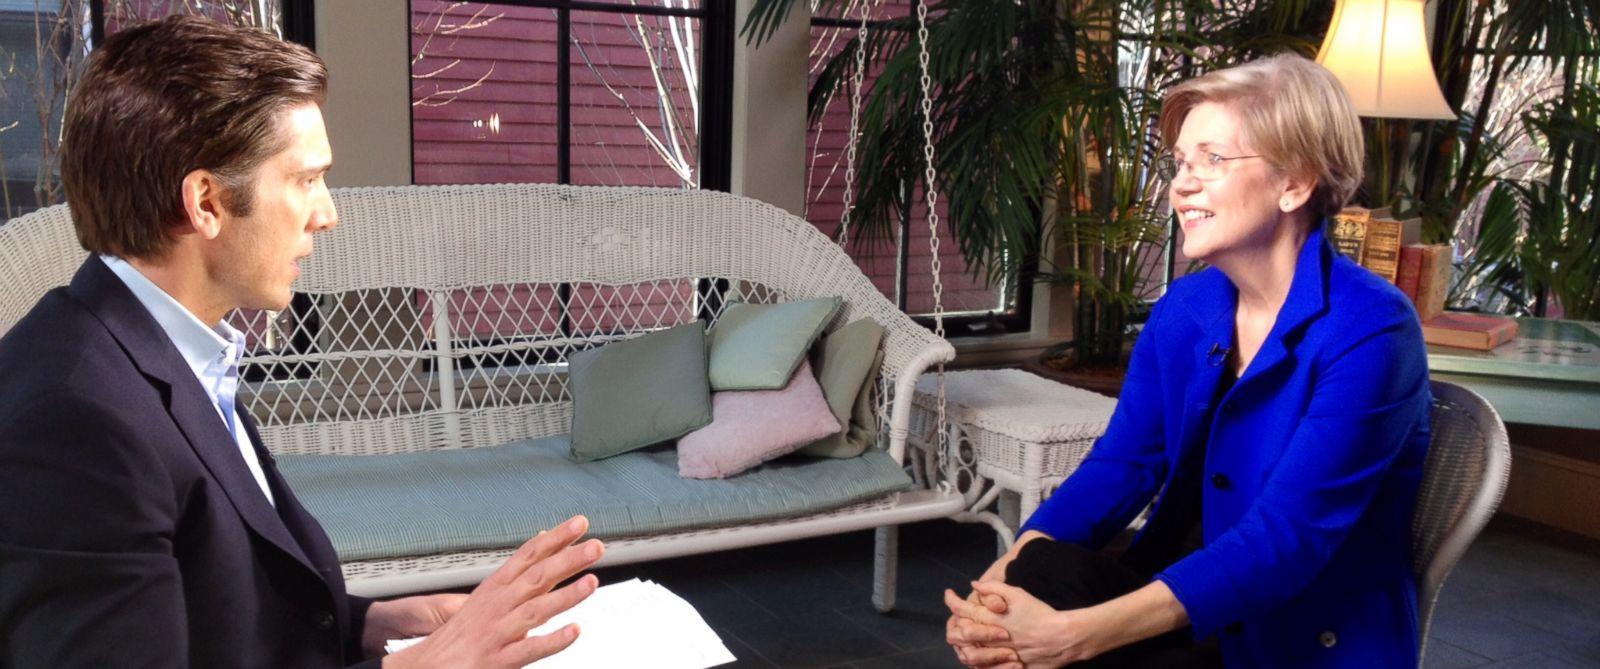 PHOTO: ABC News David Muir interviews Sen. Elizabeth Warren, D-Mass., at her Massachusetts home, April 17th, 2014.